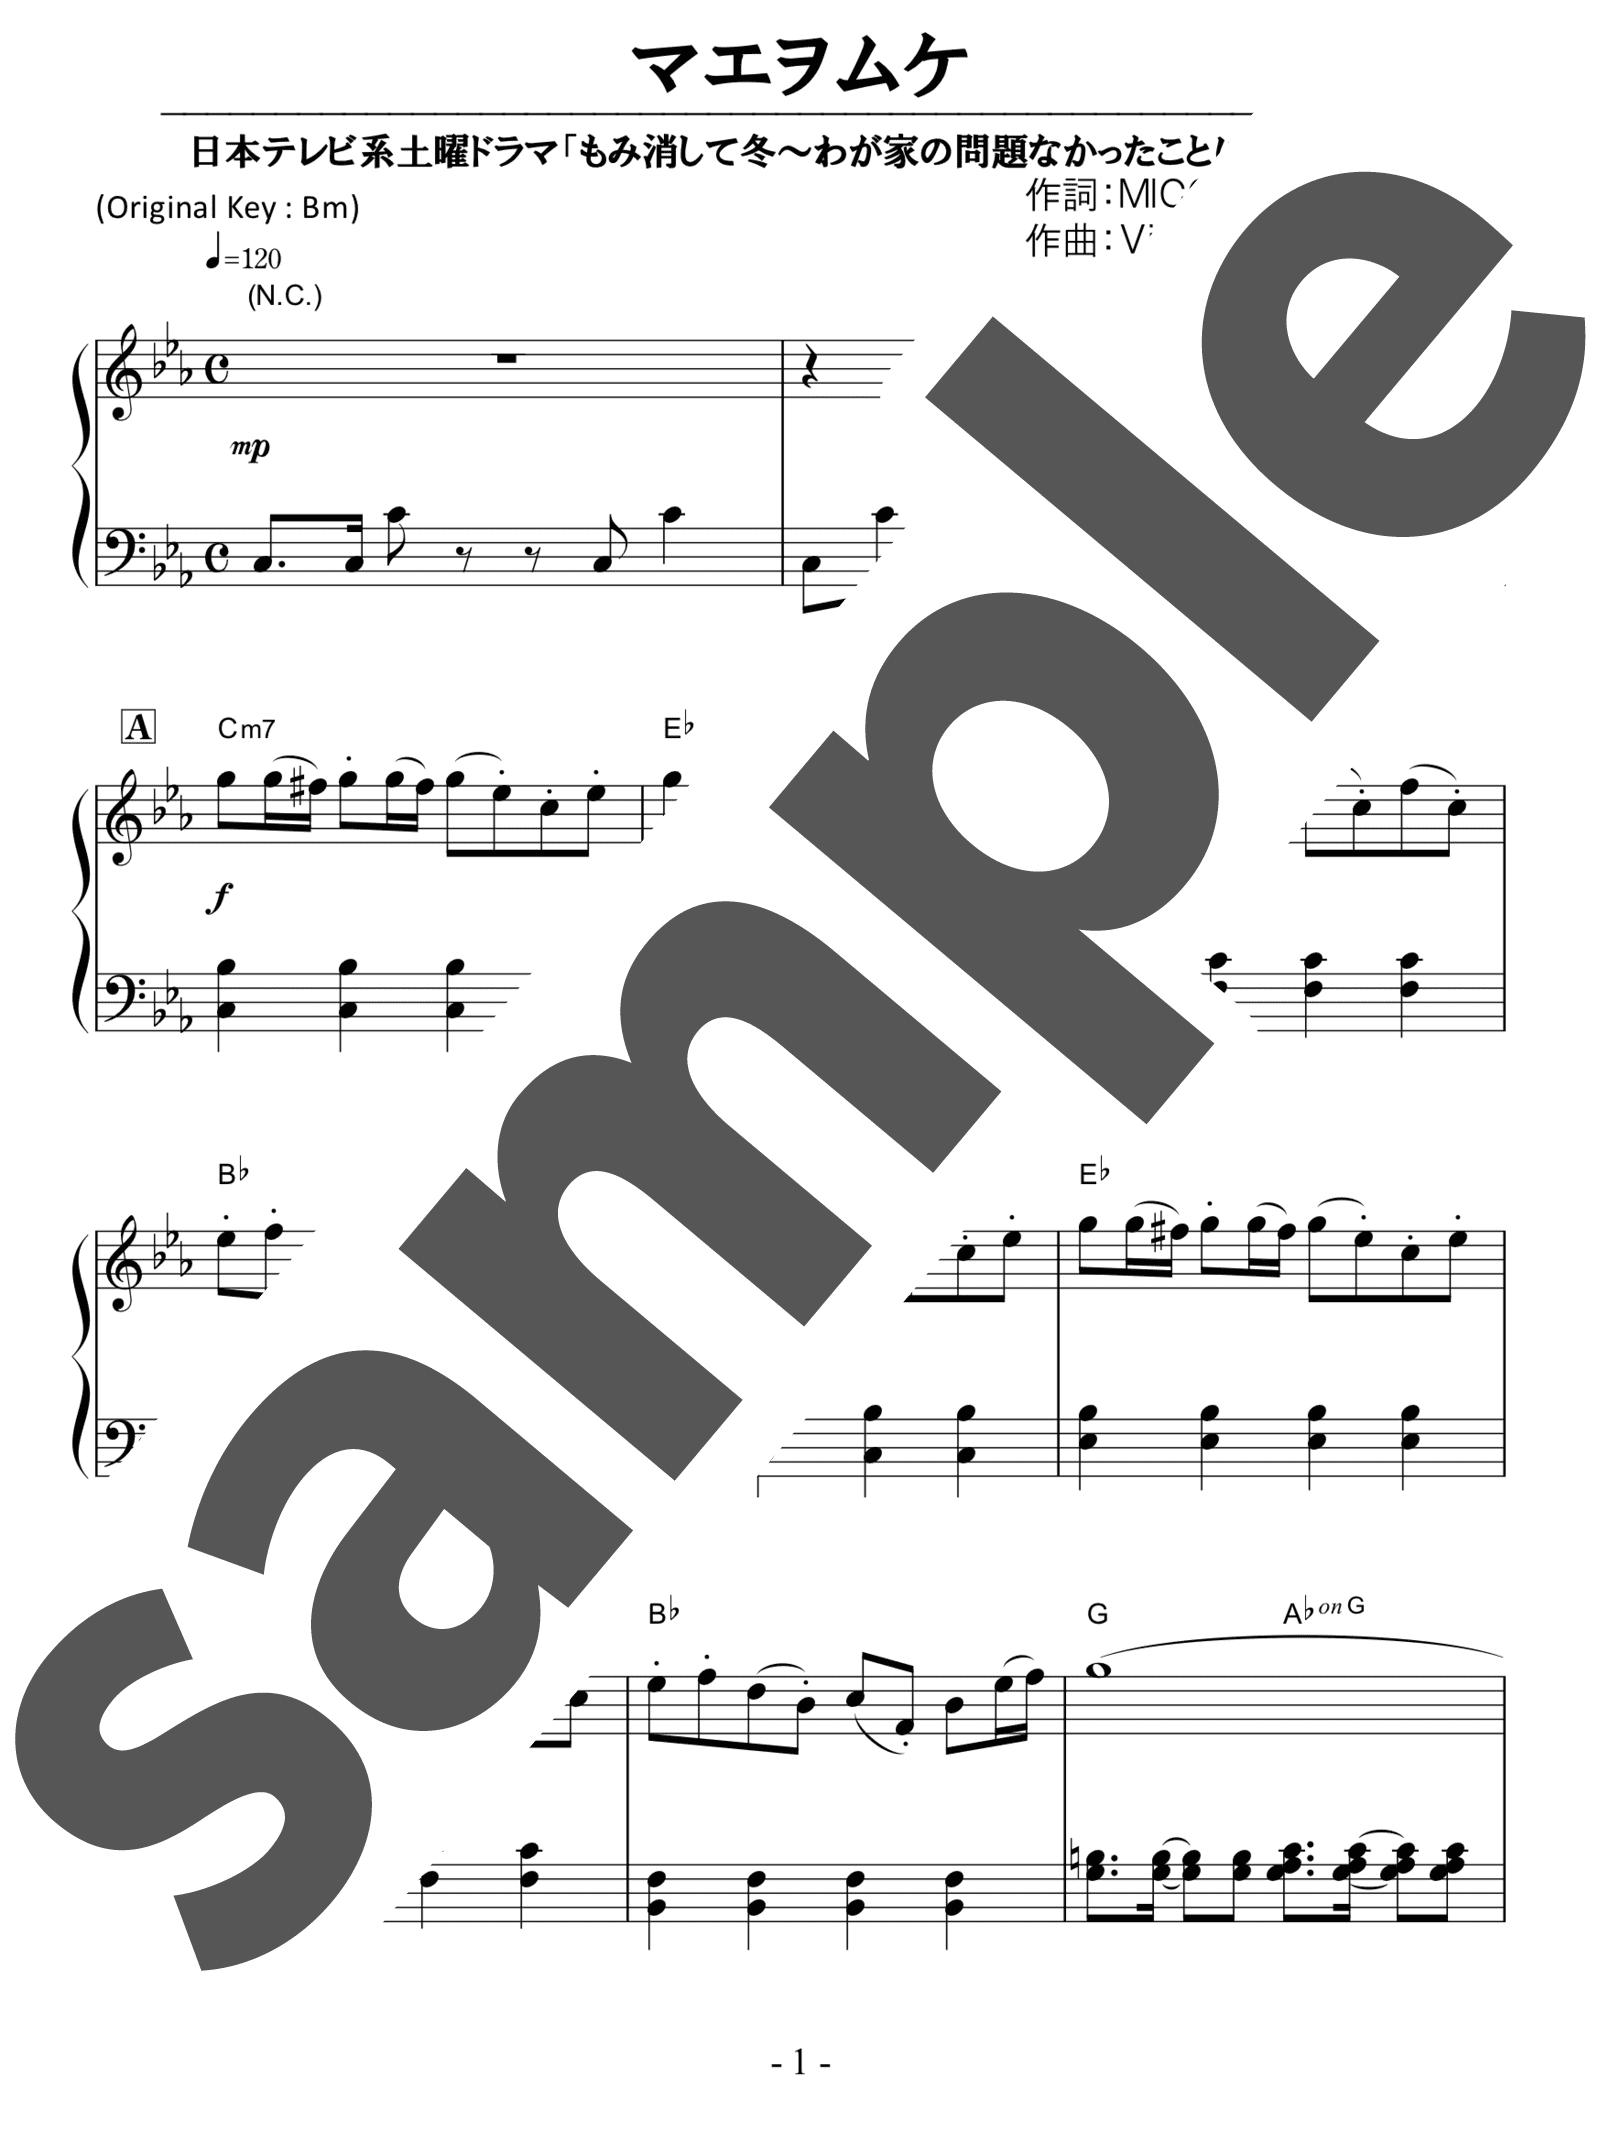 「マエヲムケ」のサンプル楽譜